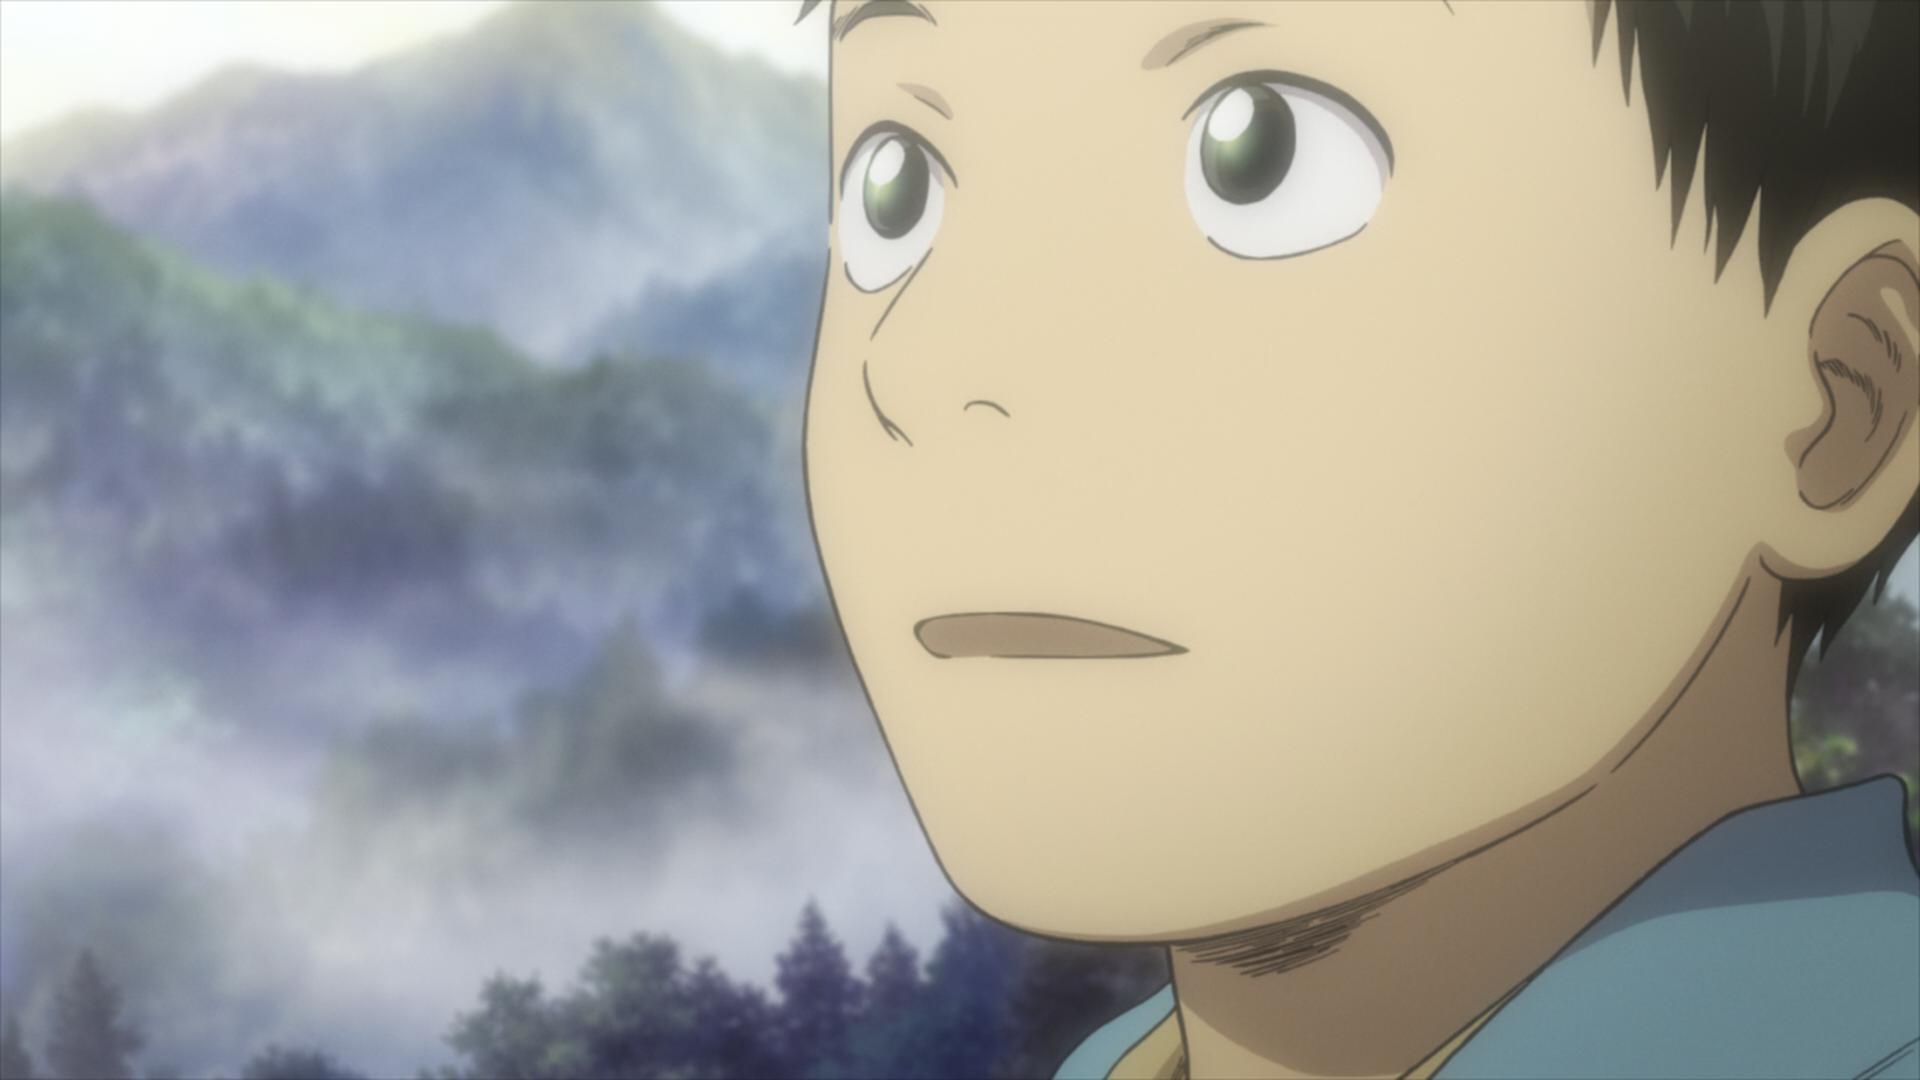 Index of /content/Mushishi Zoku Shou - Suzu no Shizuku/1080p-1/Vivid